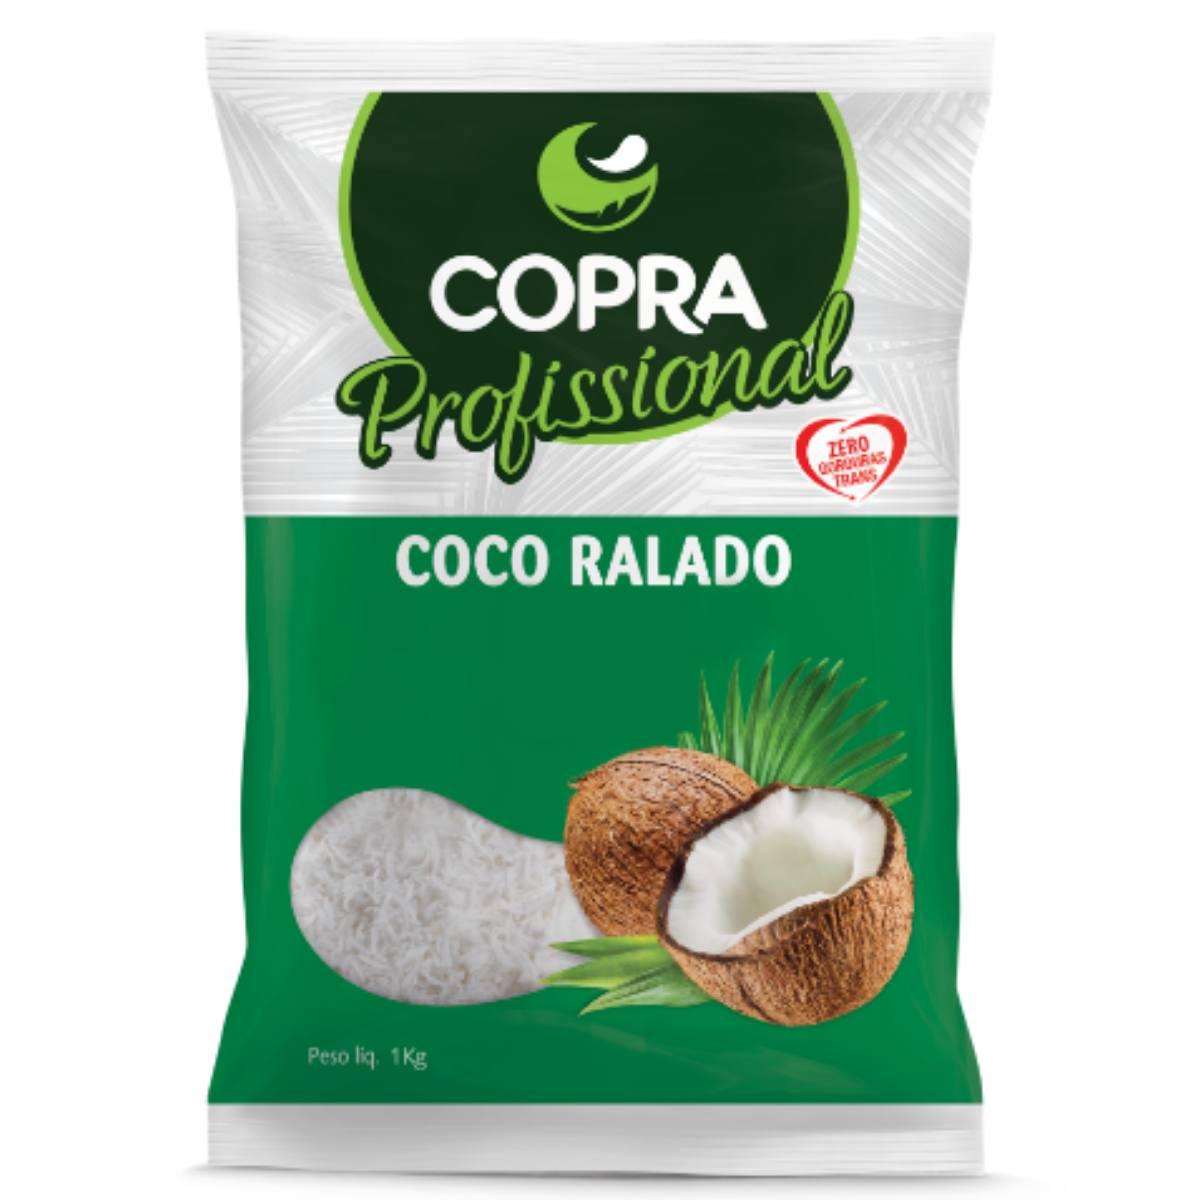 Coco Ralado Fino 1kg Copra Profissional